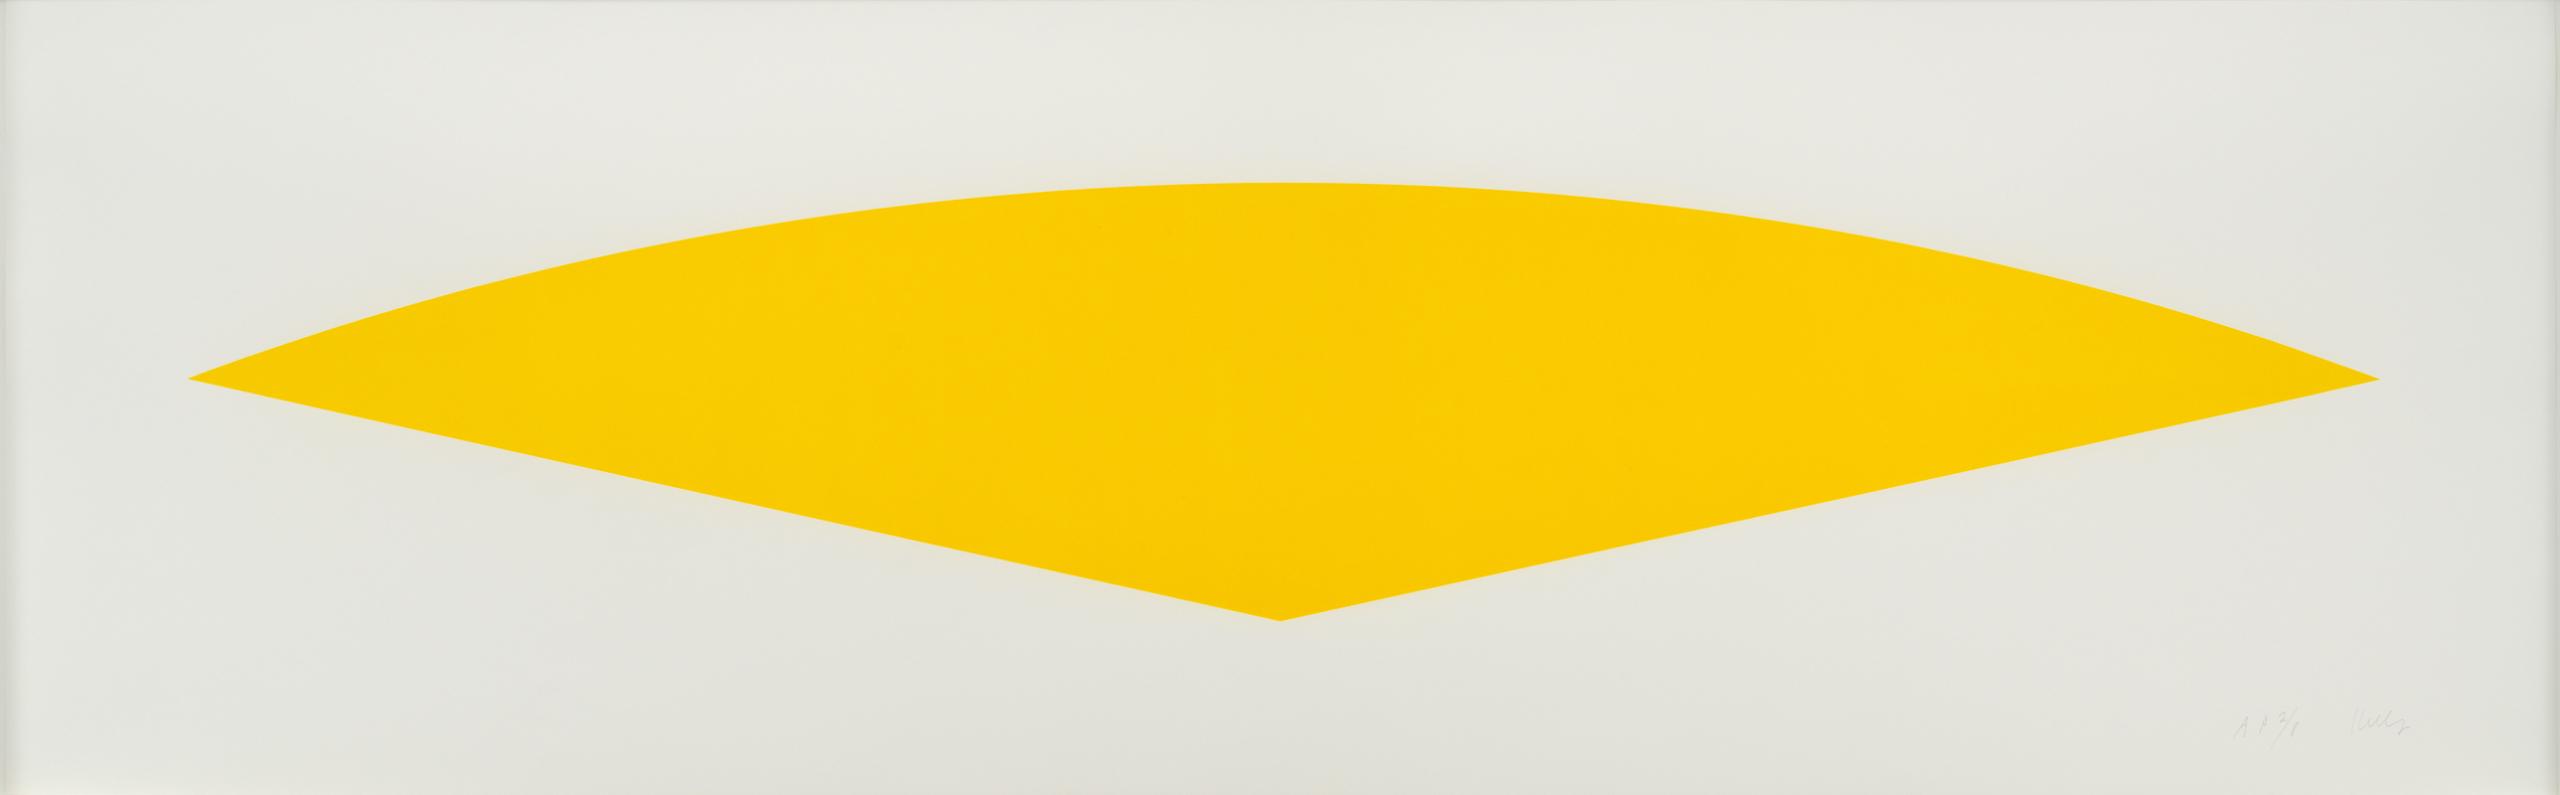 ADAA 2021 - Susan Sheehan Gallery